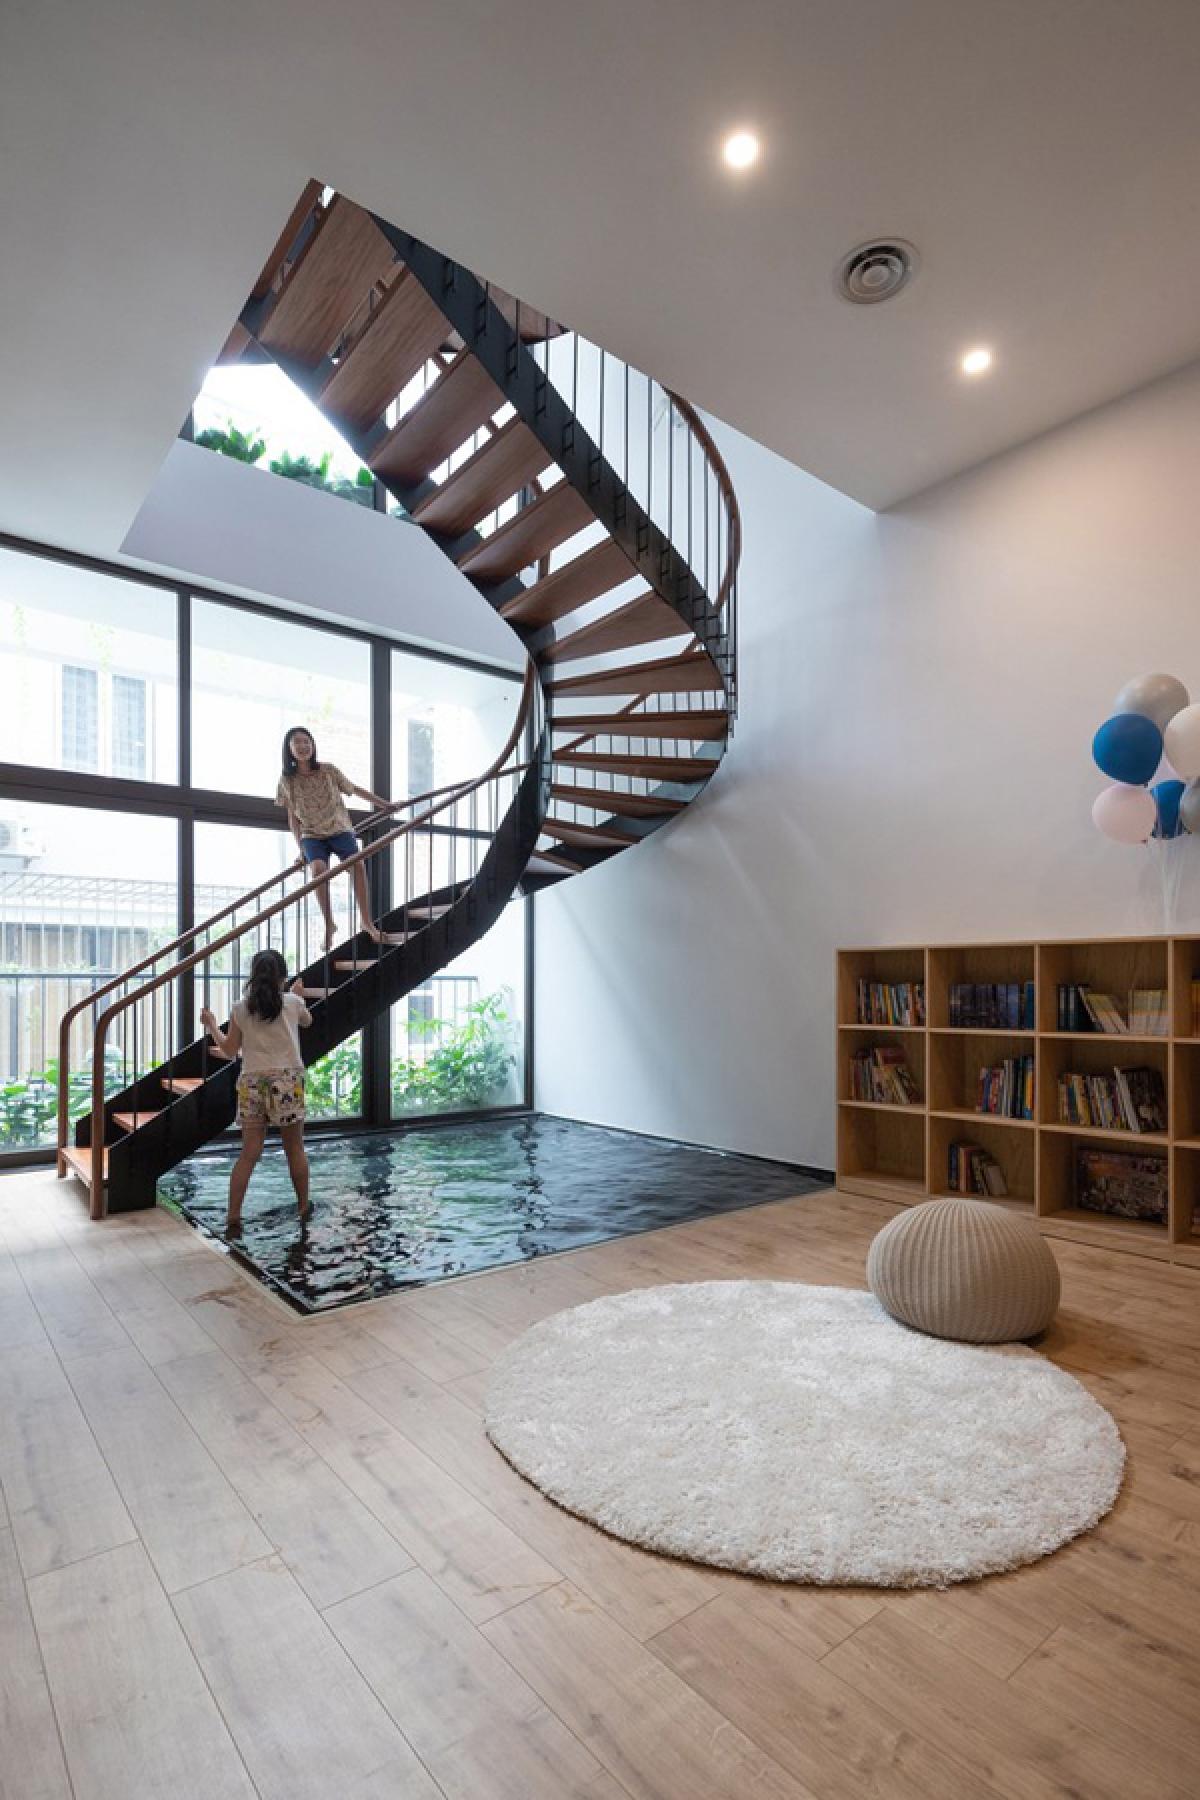 Đây là điểm nhấn thú vị và đắt giá trong không gian nội thất ngôi nhà. Việc sử dụng màu tối của đáy mặt nước cho cảm giác sâu, nhưng thực ra mặt nước rất nông để đảm bảo an toàn.